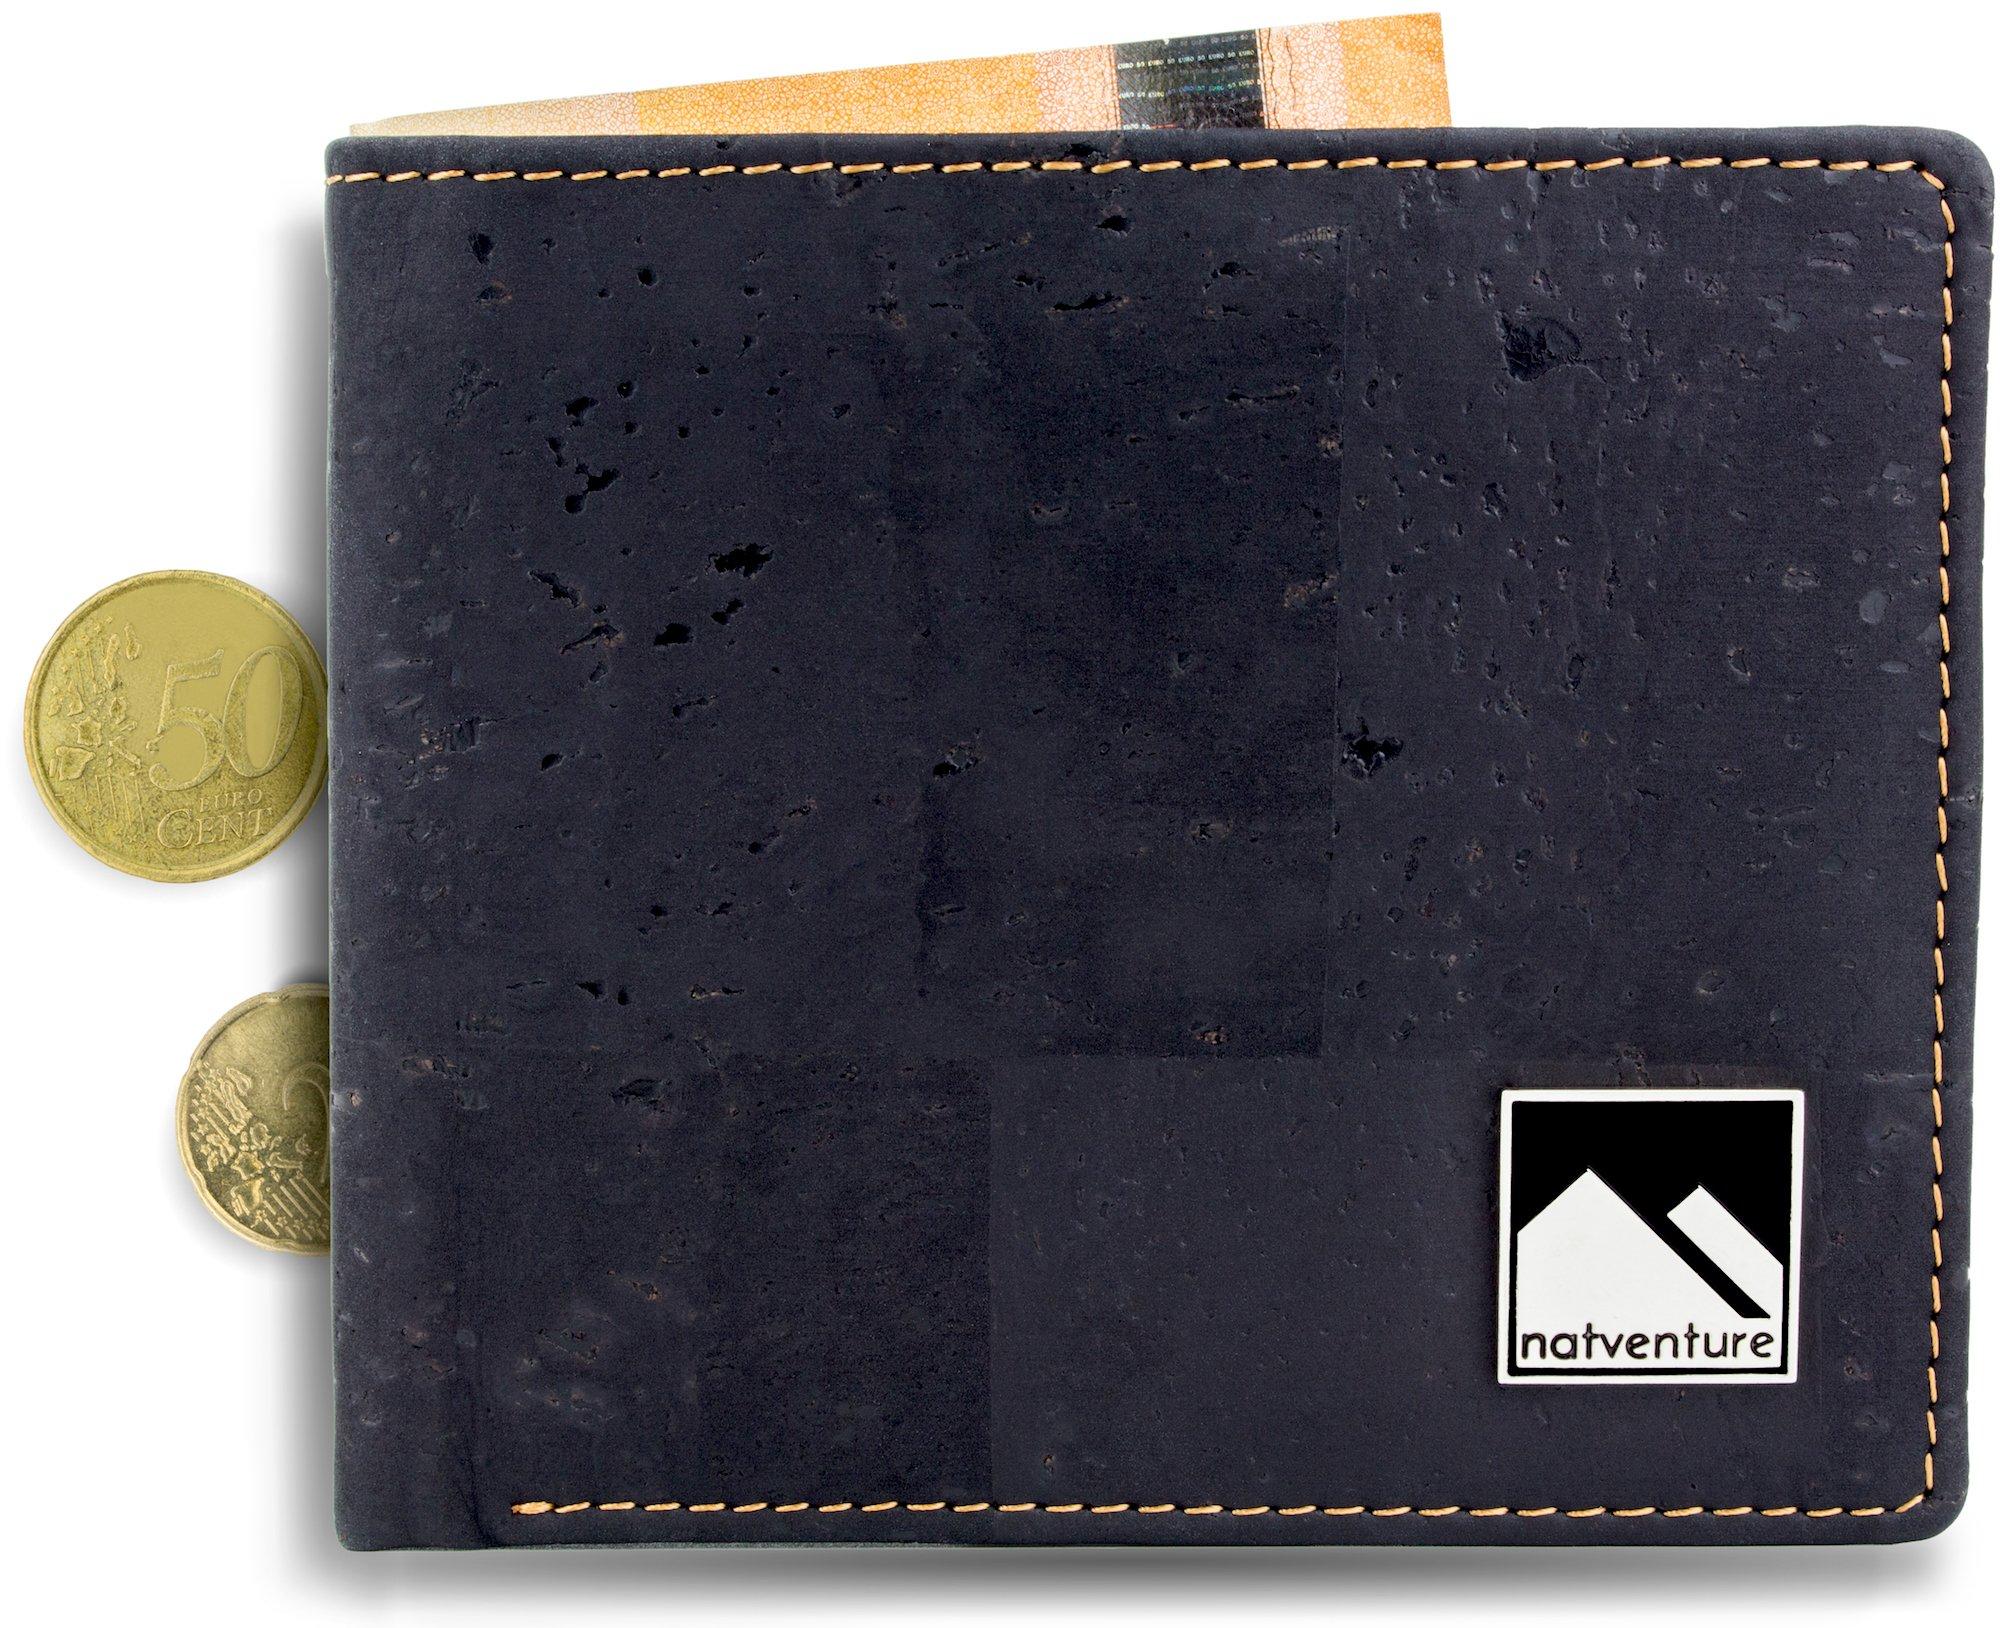 43df51230842e natventure® Geldbeutel aus Korkleder mit RFID Schutz